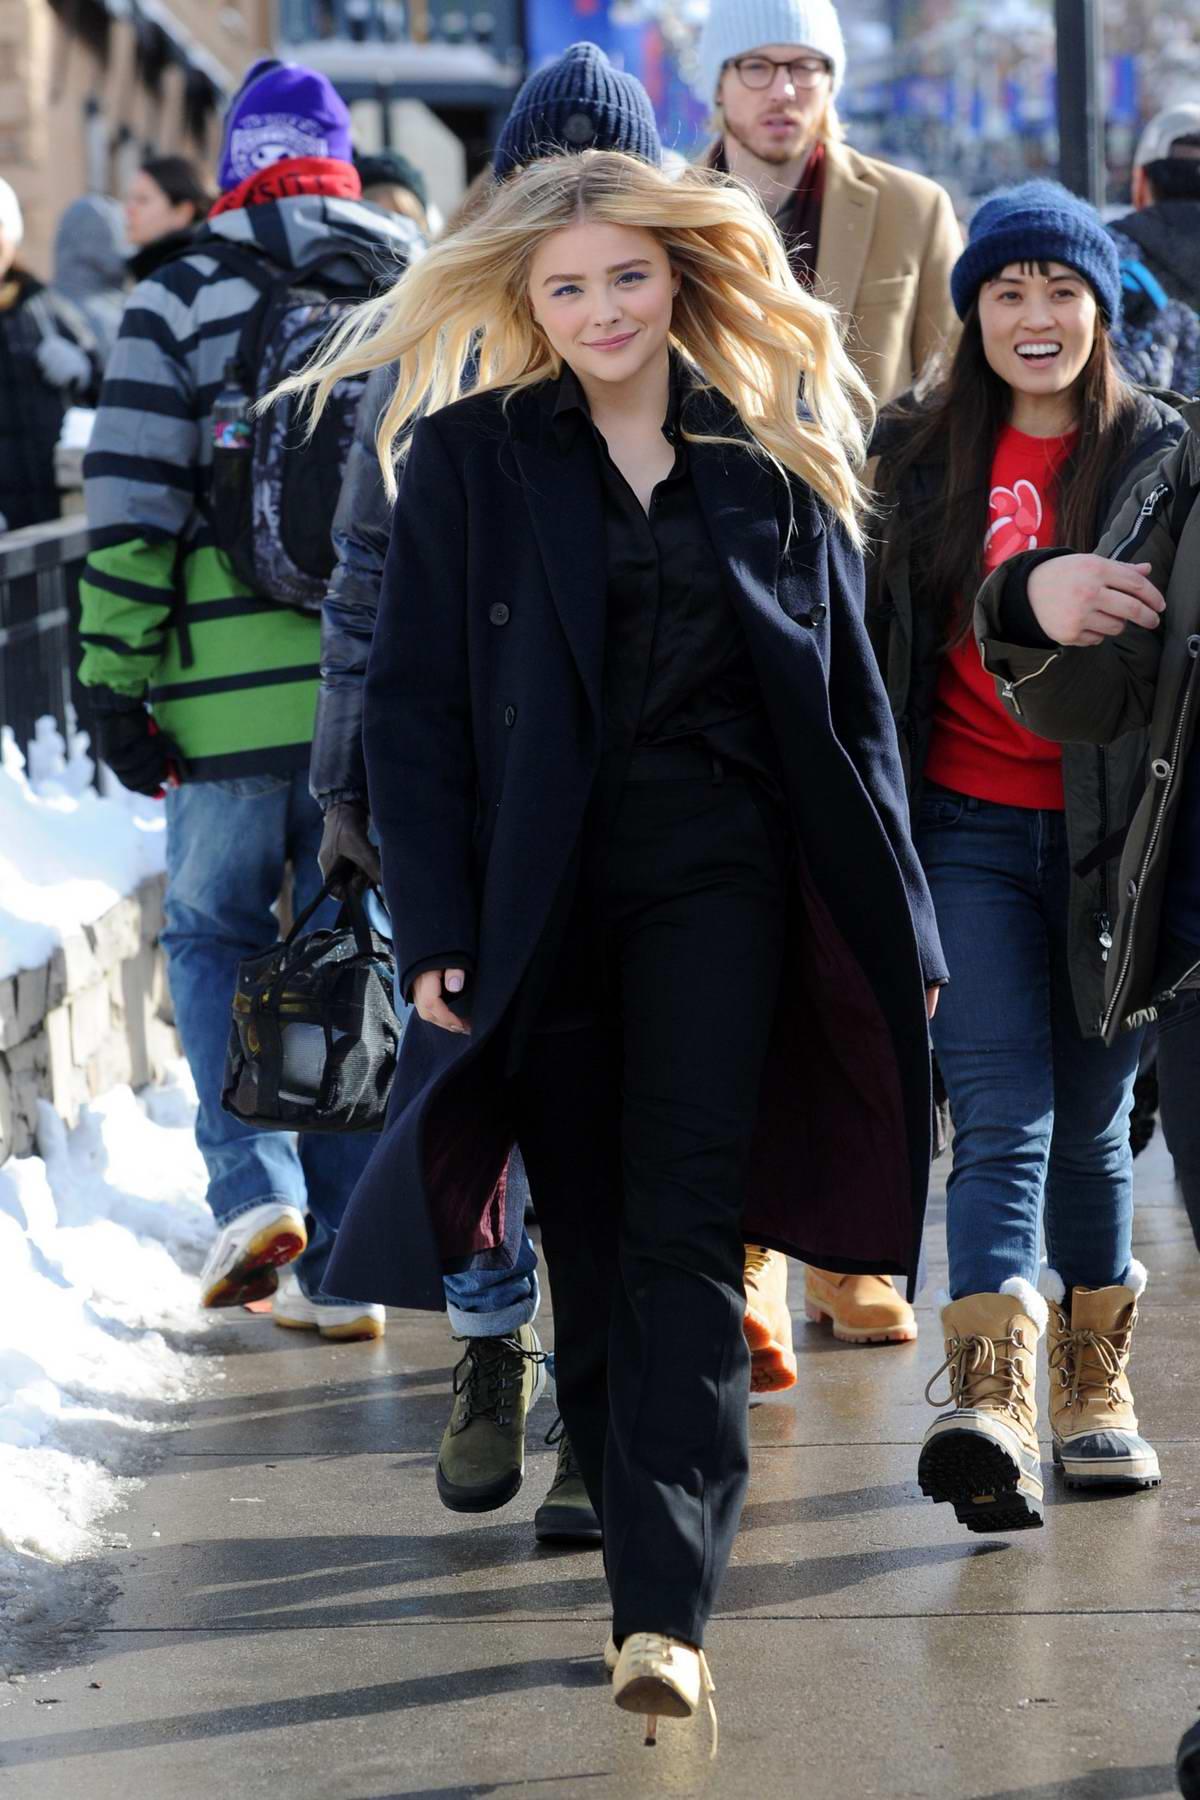 Chloe Grace Moretz promotes her film at the Sundance Film Festival in Park City, Utah